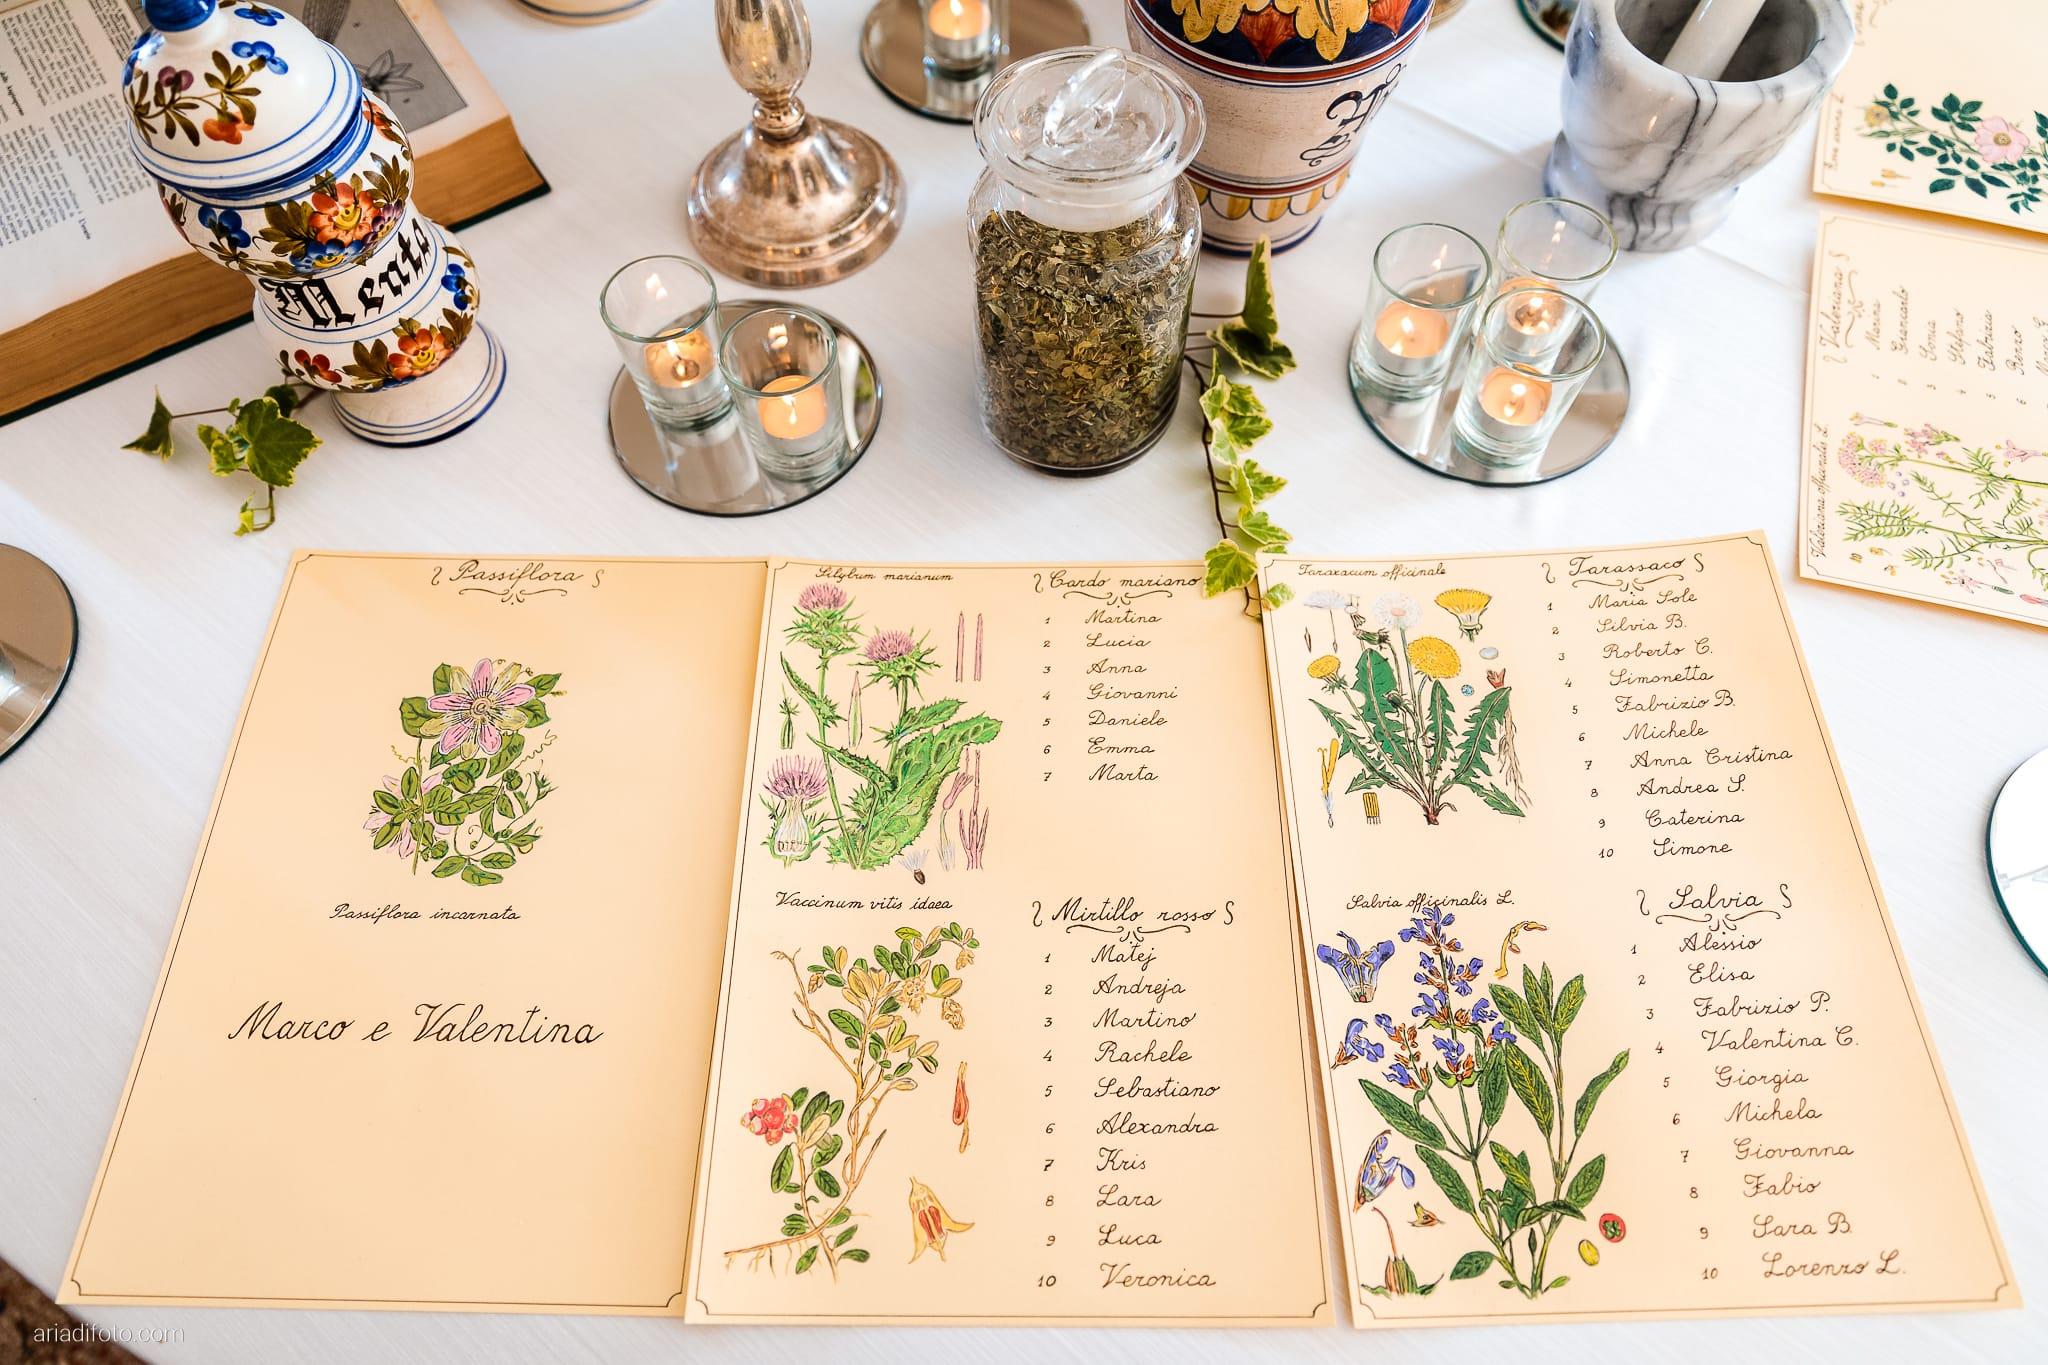 Valentina Marco Matrimonio Duomo Gorizia Castelvecchio Sagrado ricevimento dettagli farmacia decorazioni allestimenti